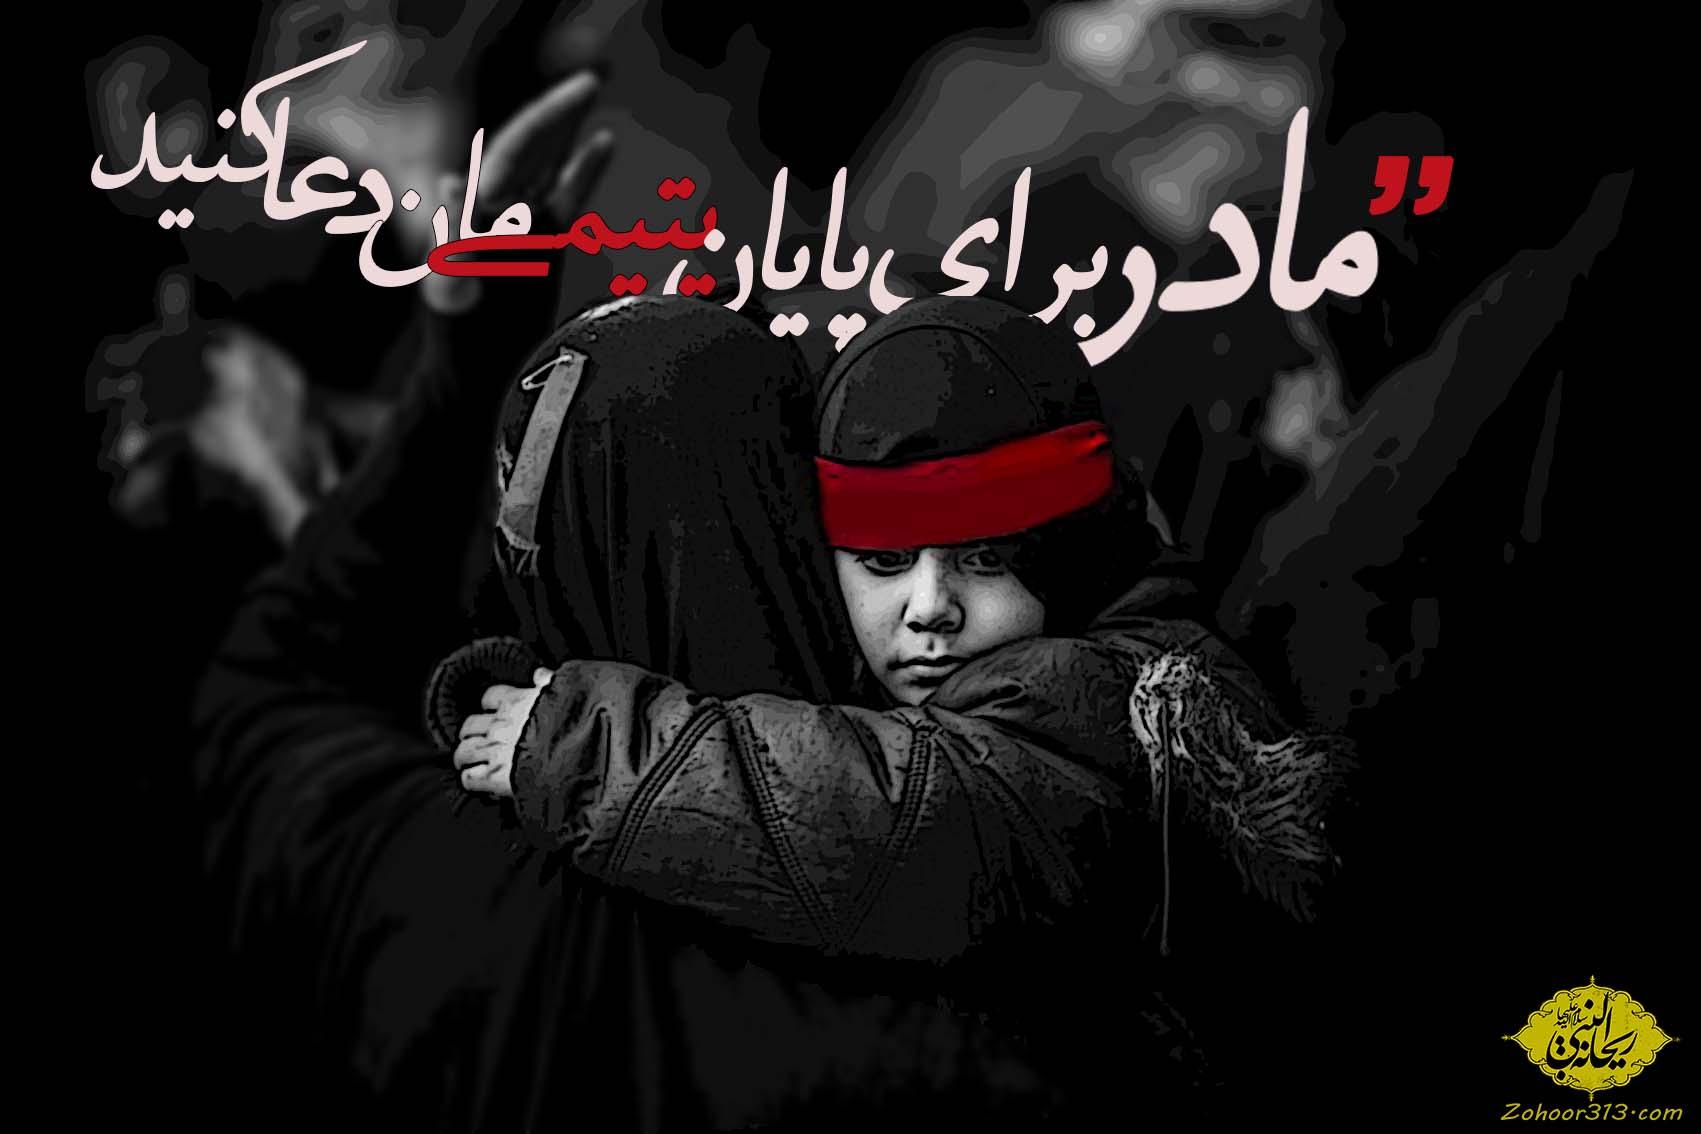 http://bayanbox.ir/view/5000450640855165500/madar-8.jpg